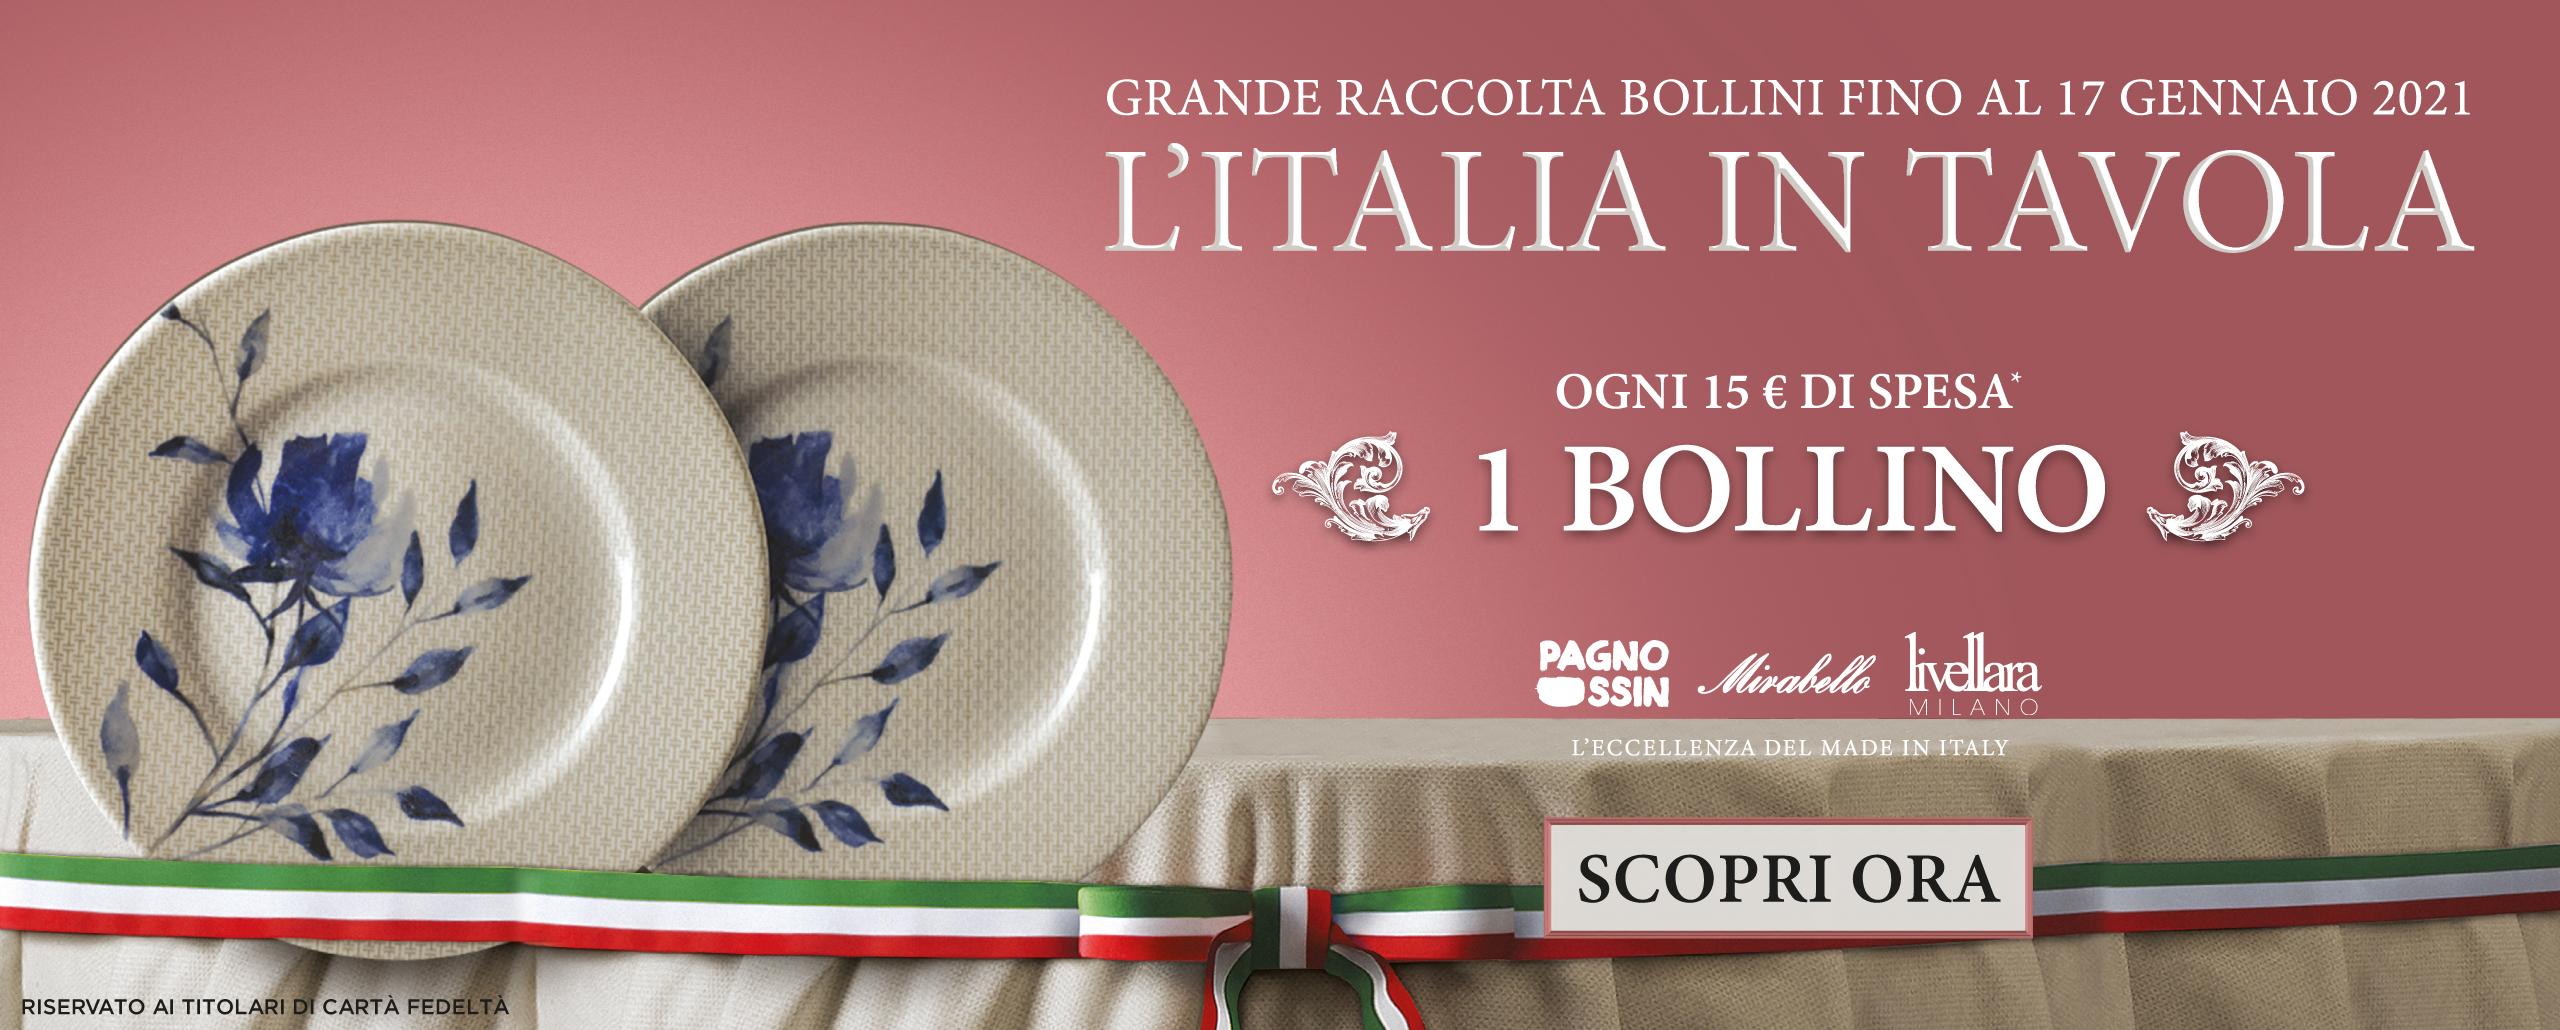 L'Italia in Tavola (2a parte) - sito